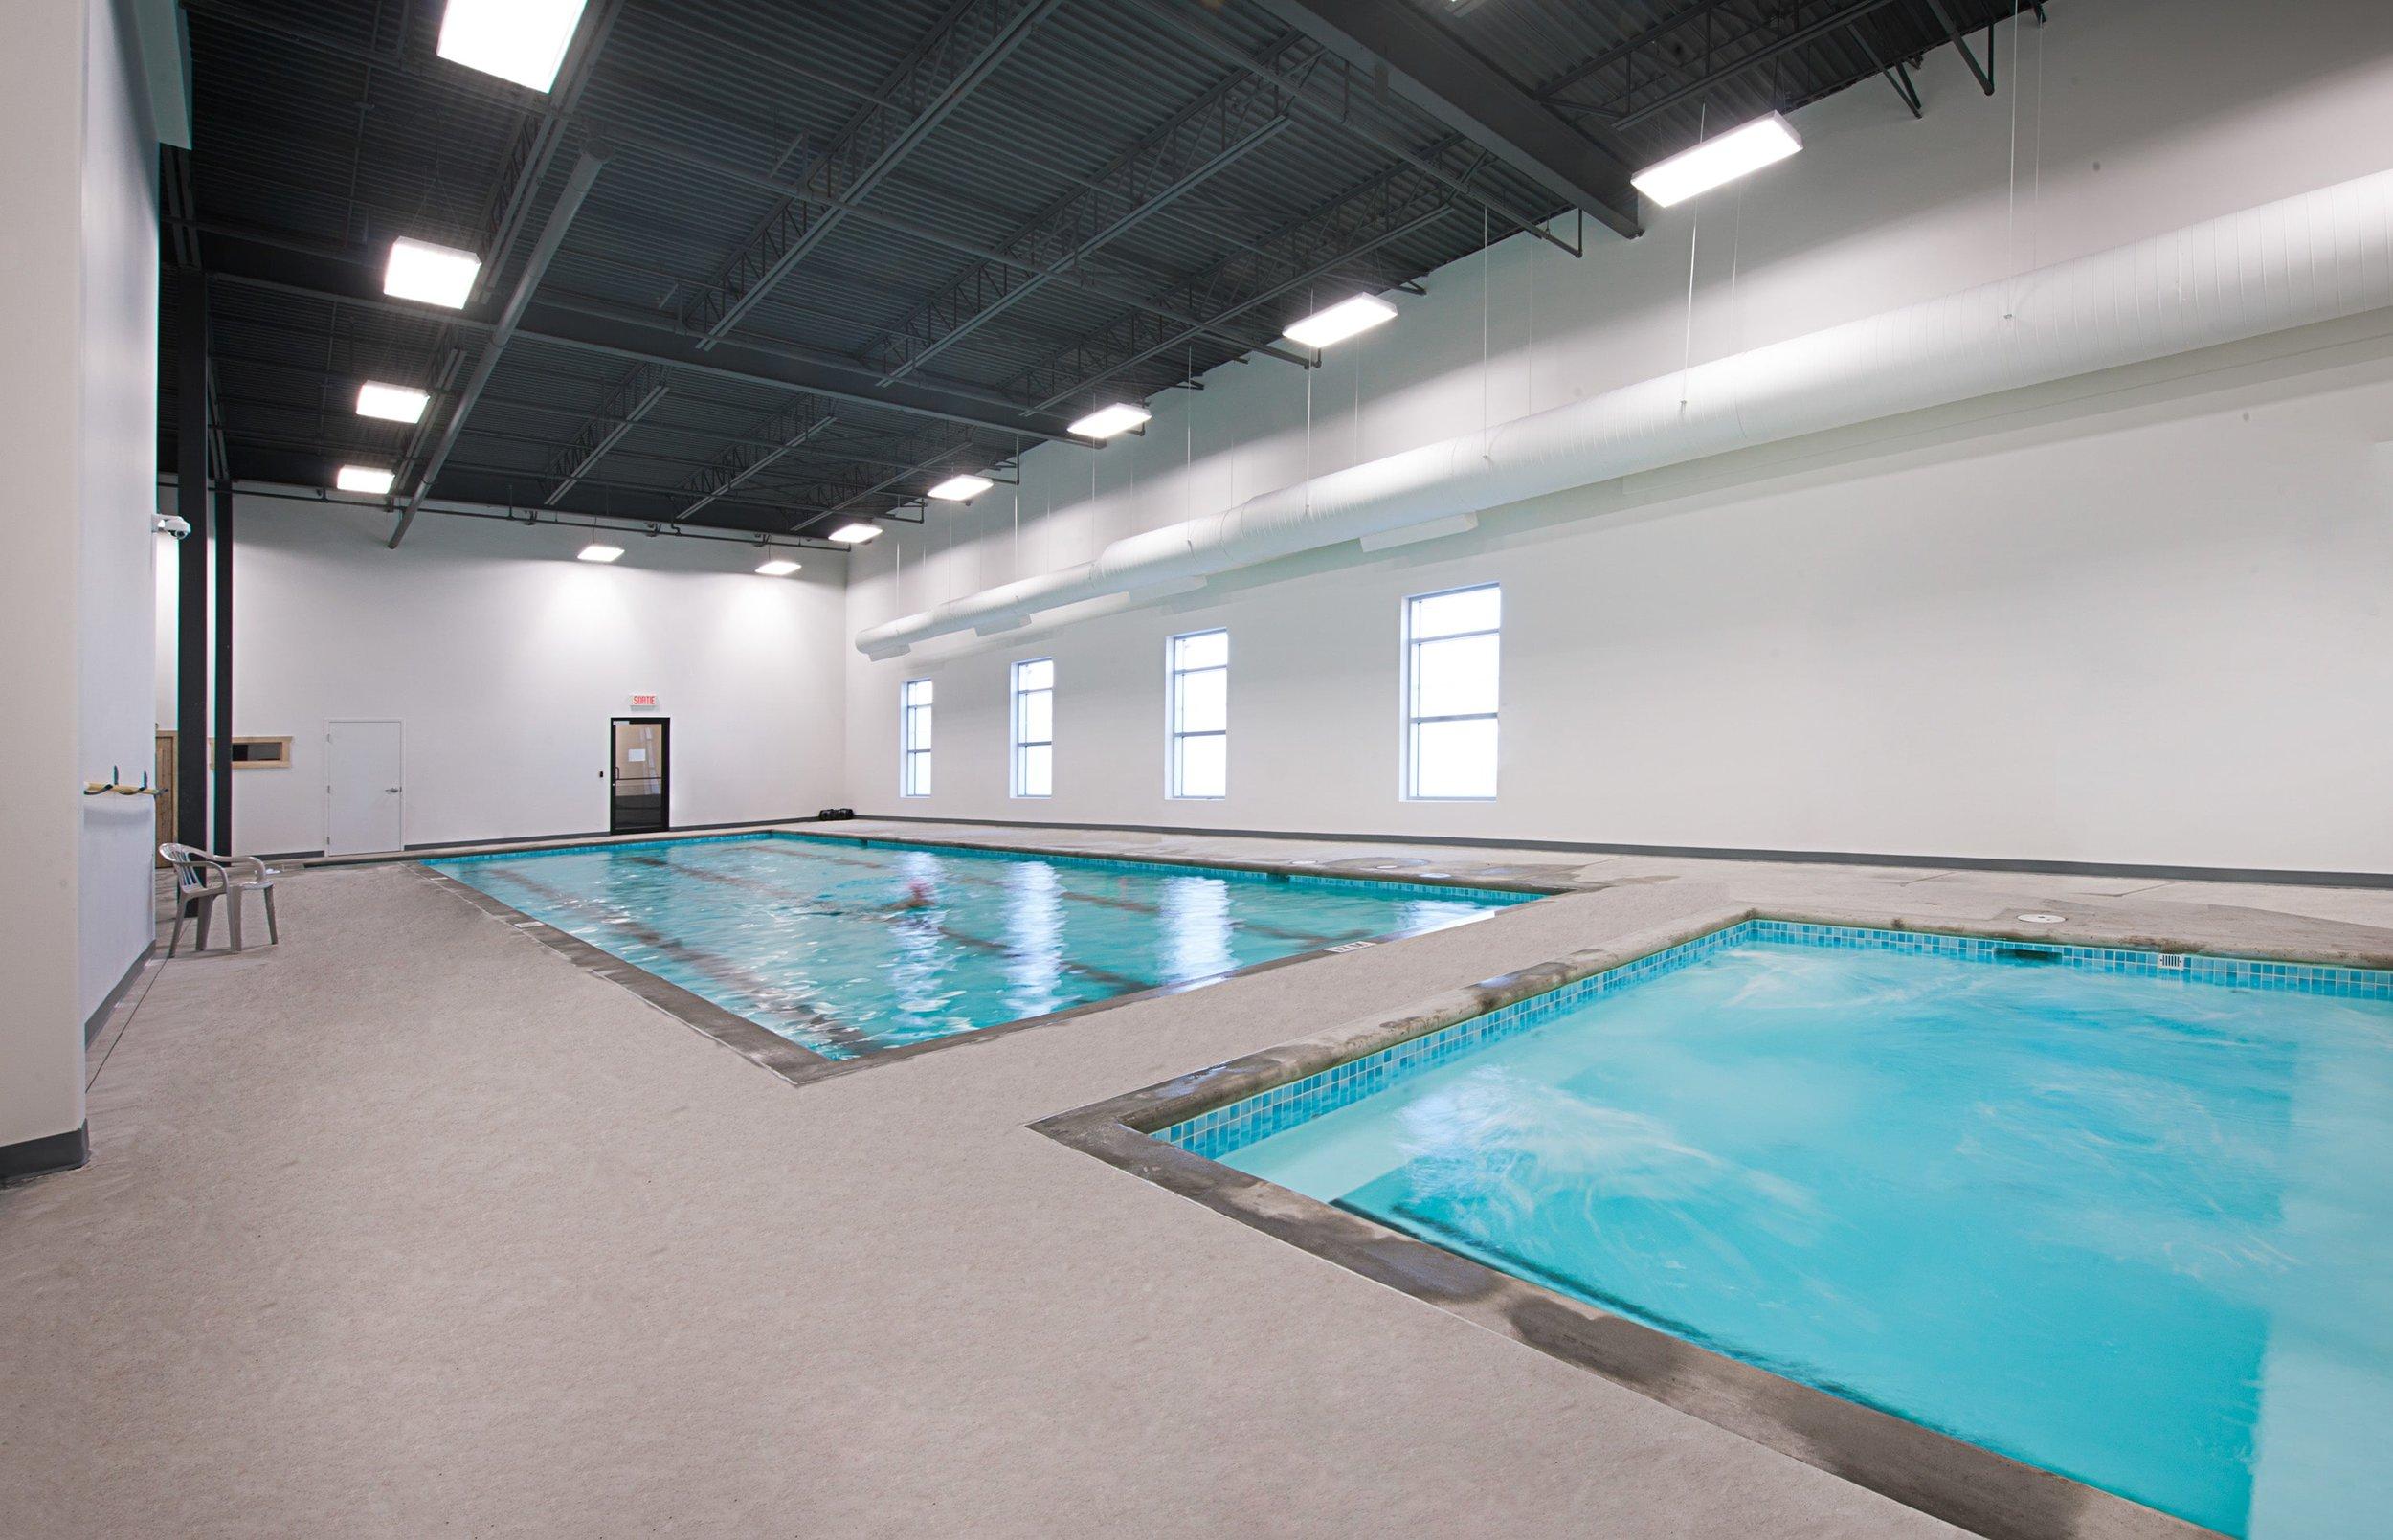 Gold_Gym_piscine-min.jpg